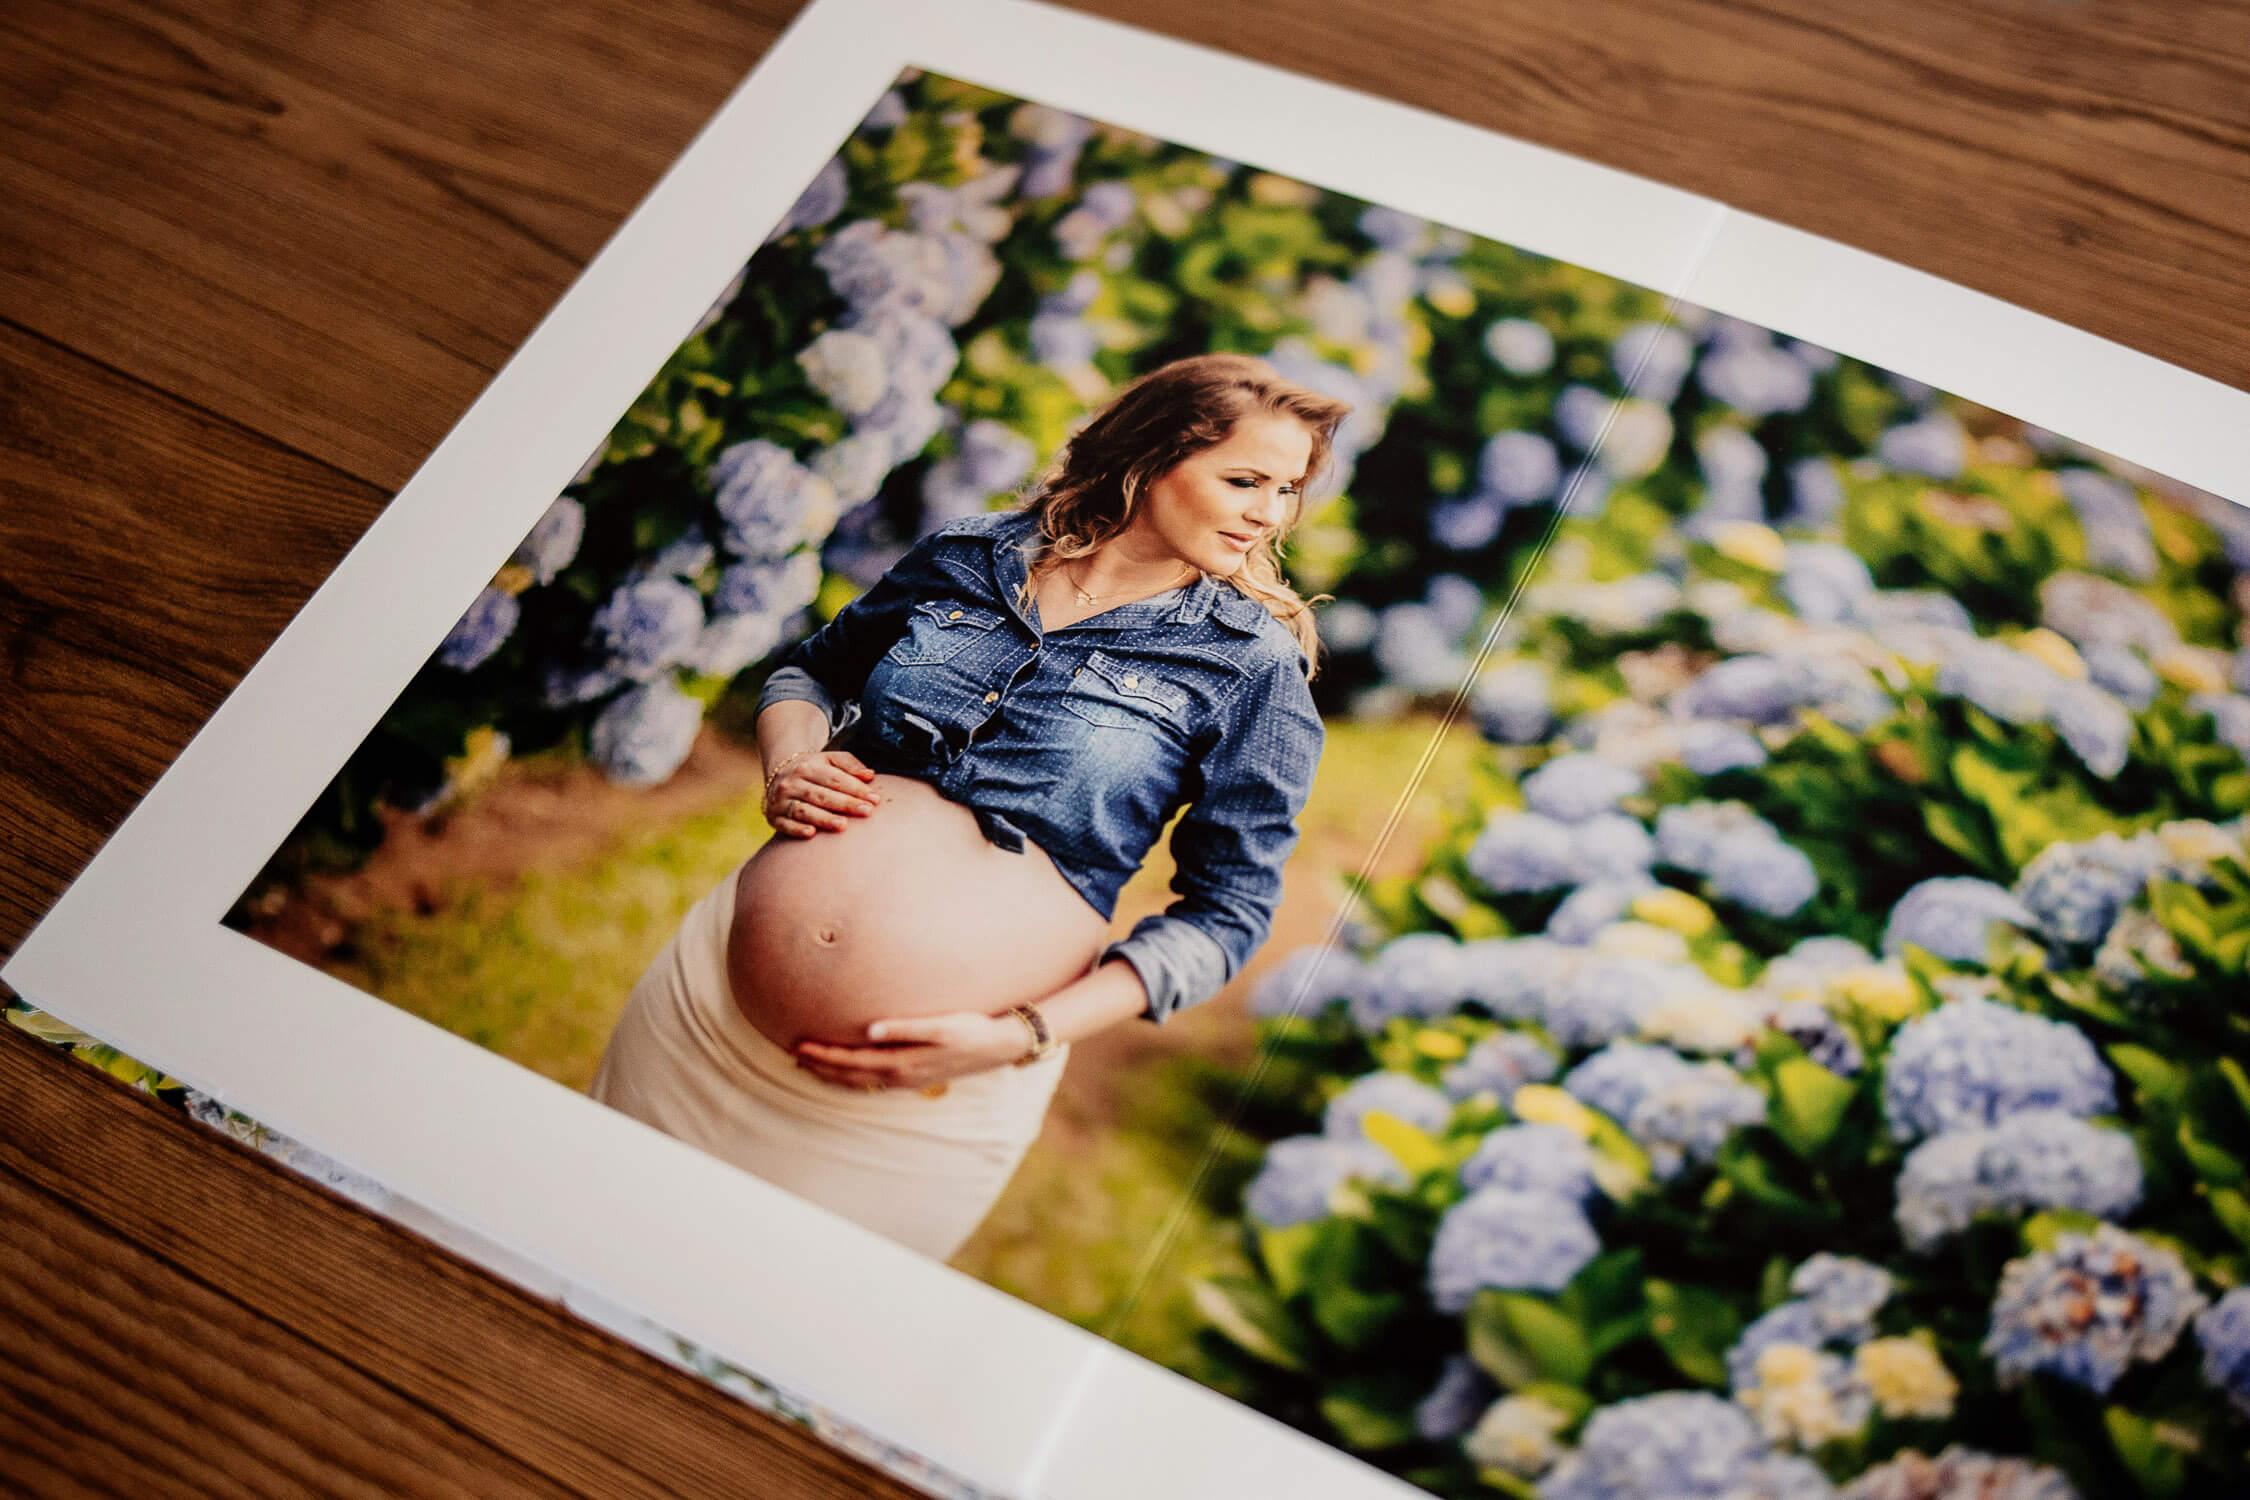 albuns-casamento-fotografia-ensaio-noivos-familia-weddingbook-photography-travel-photobook-4